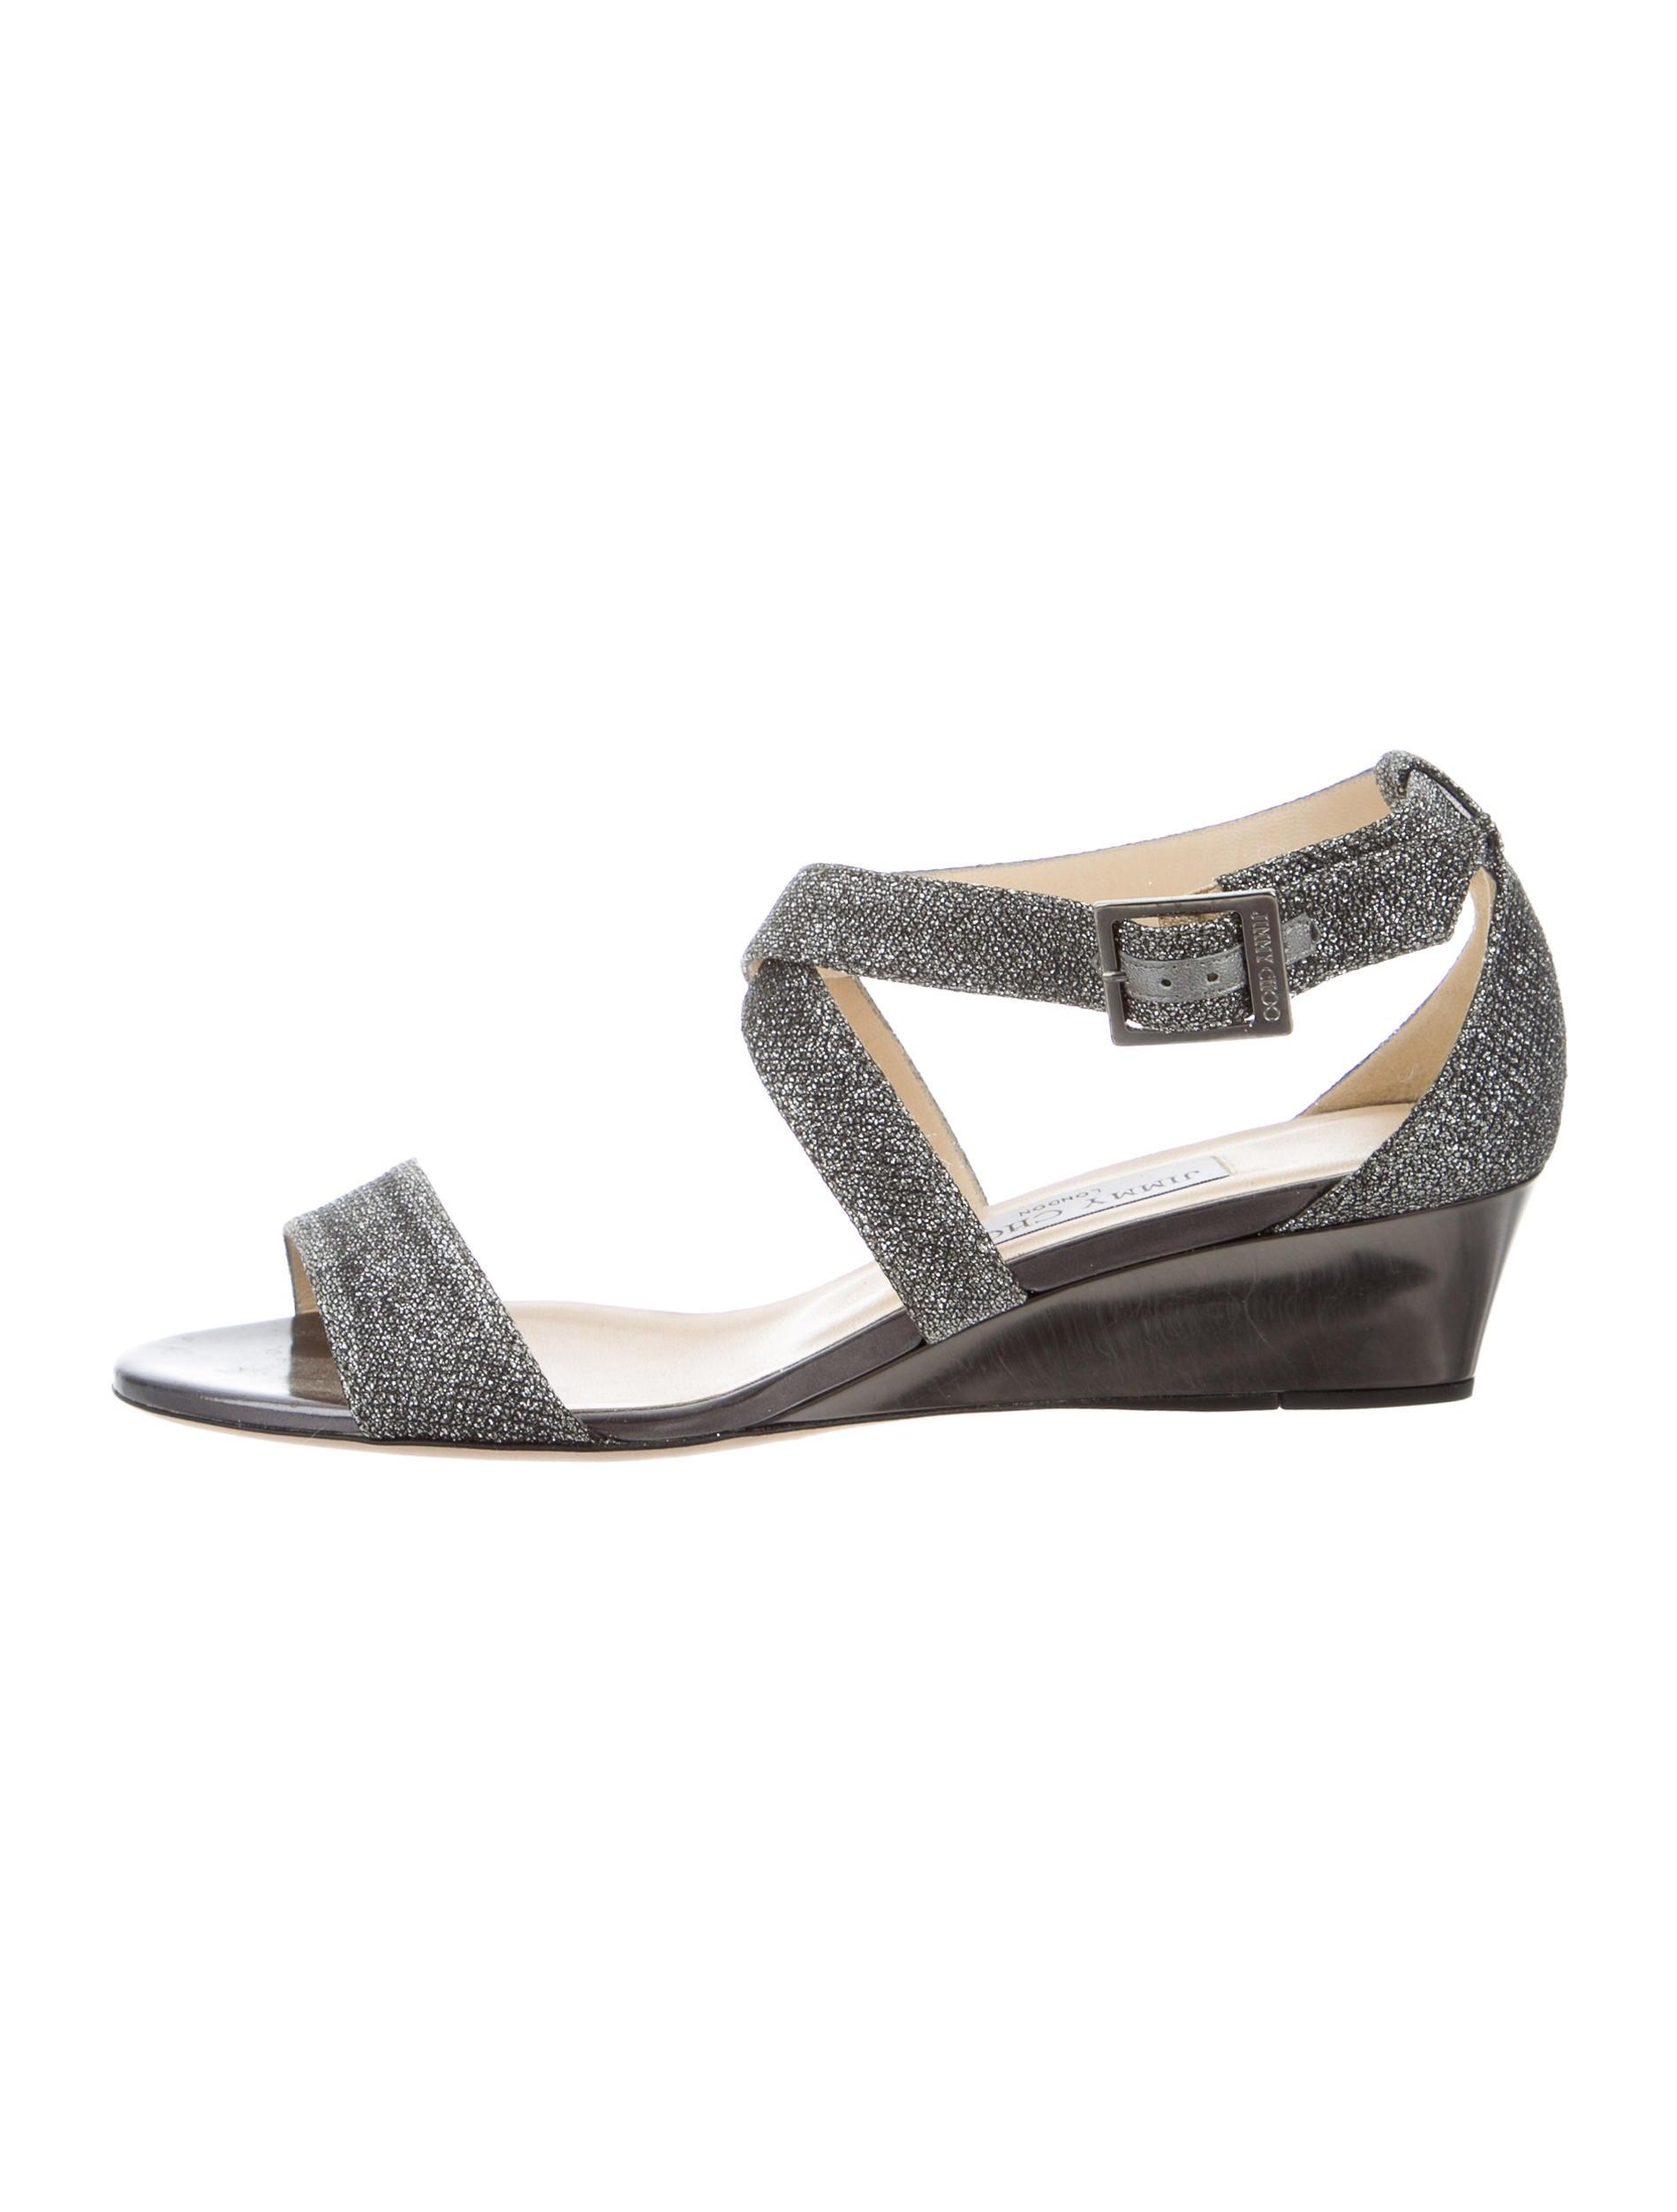 jimmy choo glitter wedge sandals shoes jim60497 the